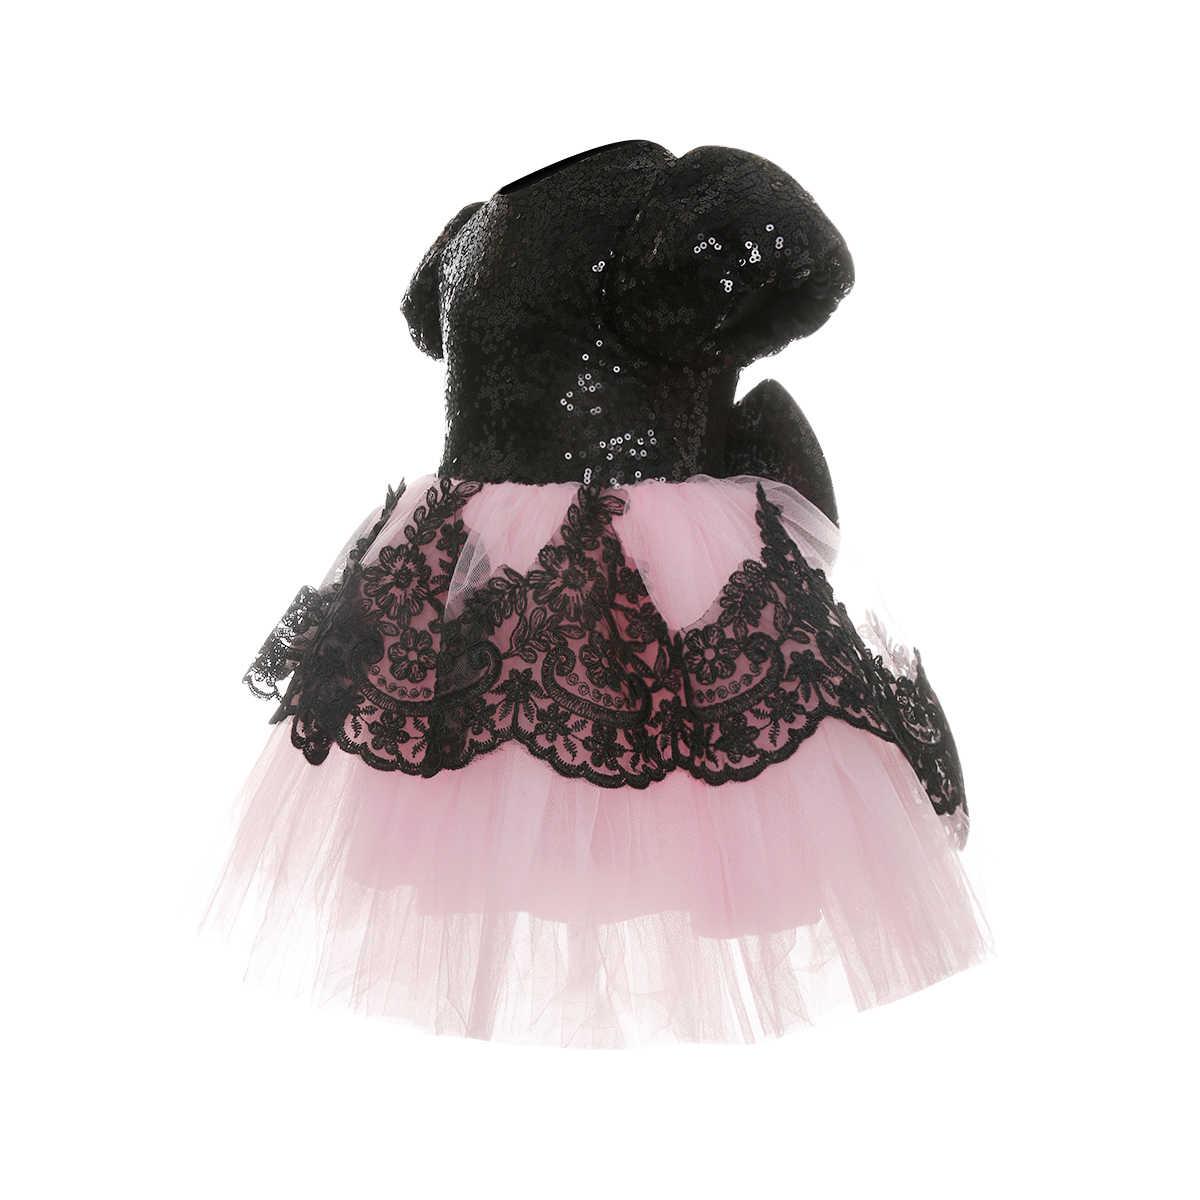 Vestido de bebé de princesa para chico, tutú de encaje para niñas, boda, desfile Formal, fiesta, vestido de dama de honor de tul, vestido para niños